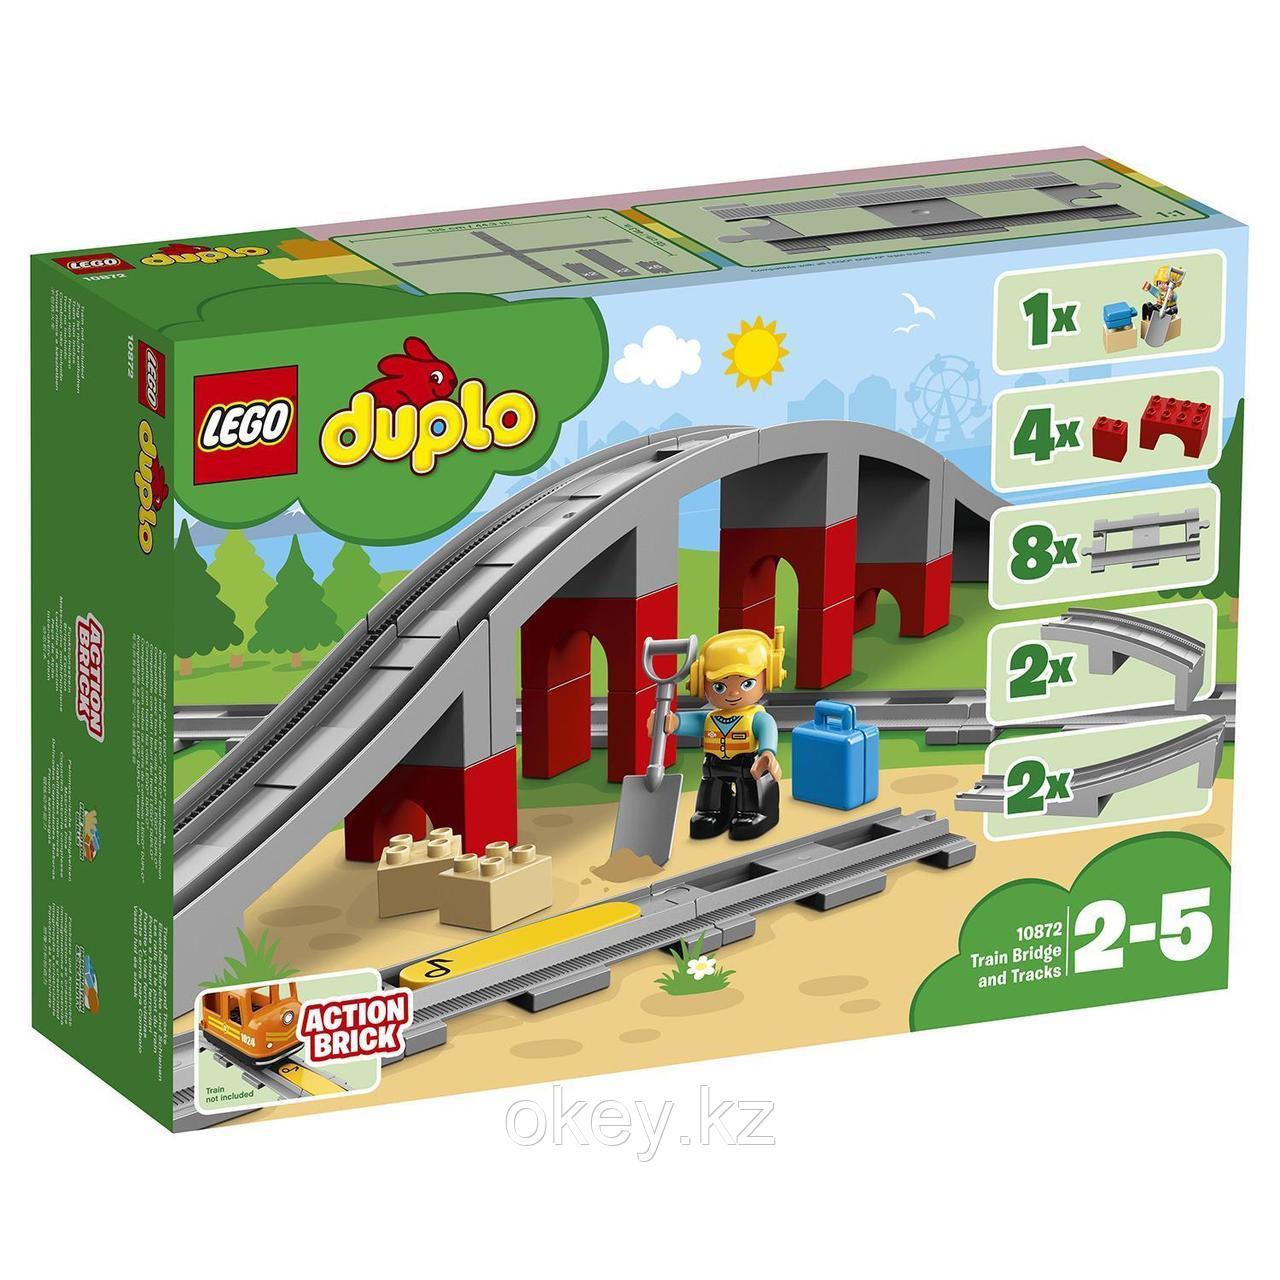 LEGO Duplo: Железнодорожный мост 10872